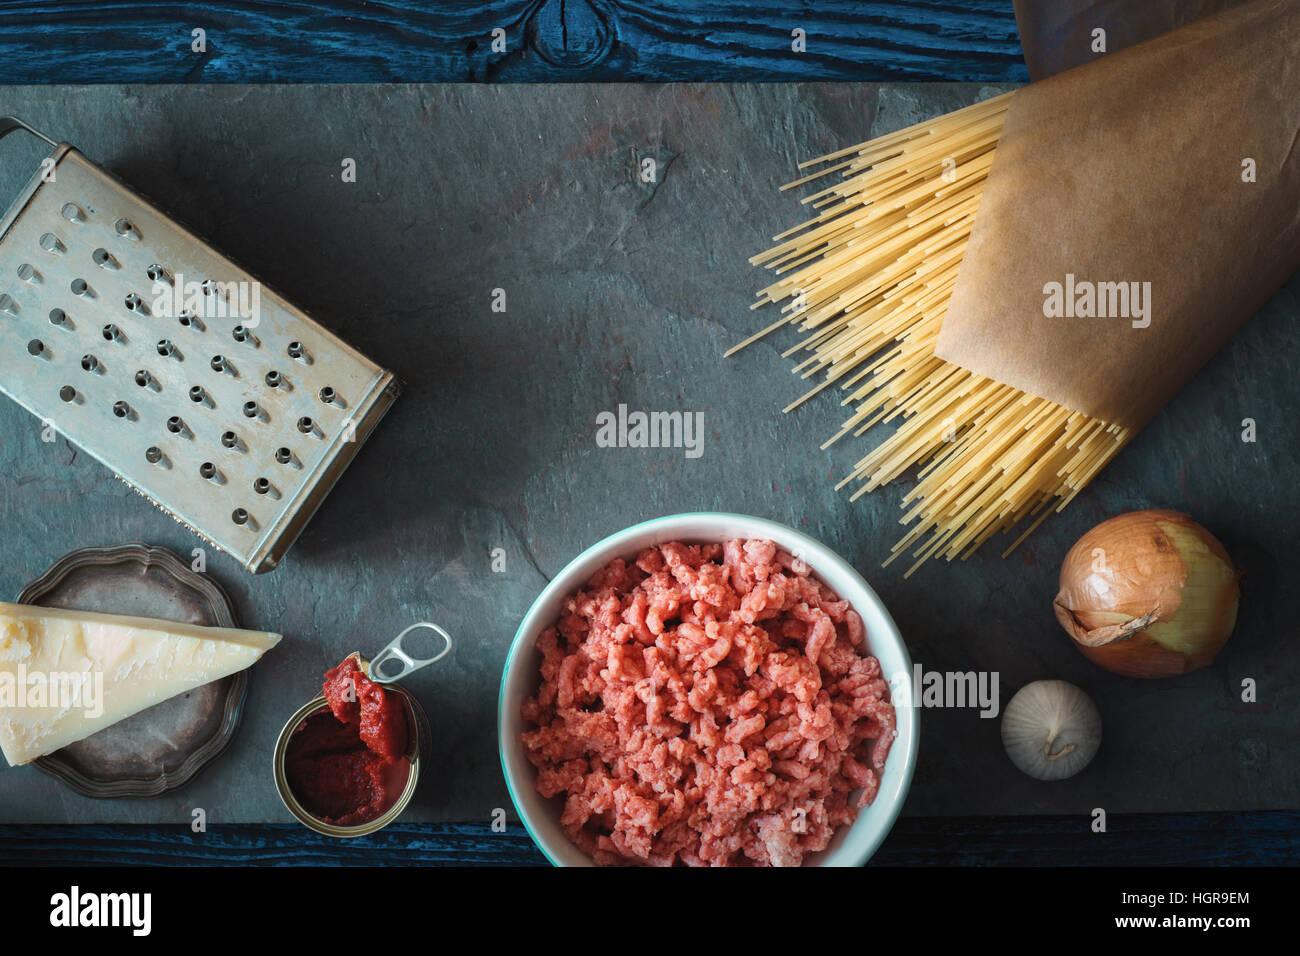 Ingrédients pour spaghetti avec meatball sur la pierre horizontale d'arrière-plan Photo Stock